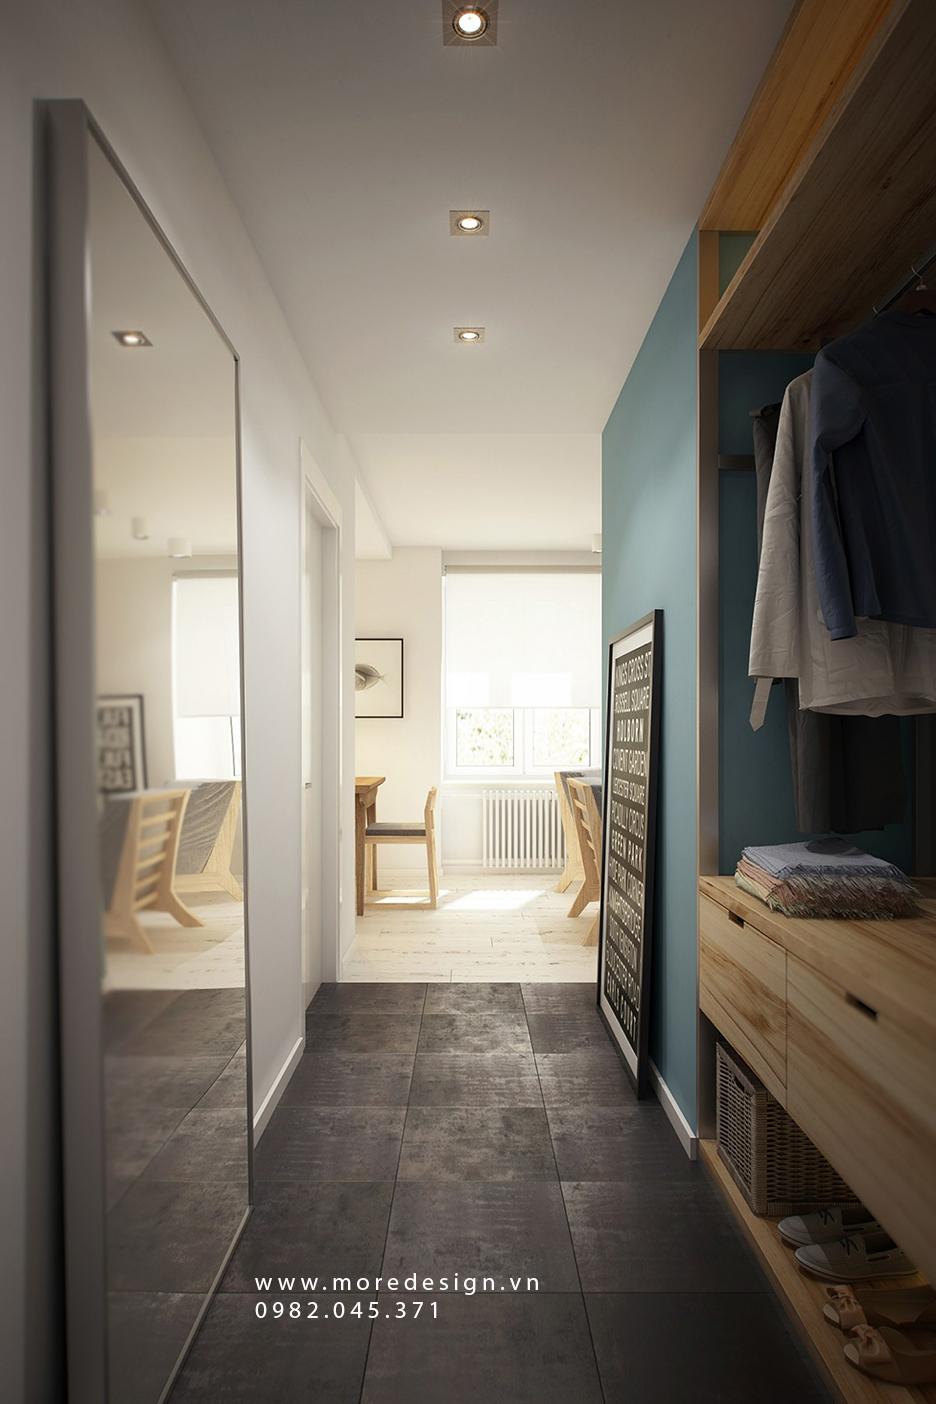 Nội thất căn hộ chung cư nhỏ